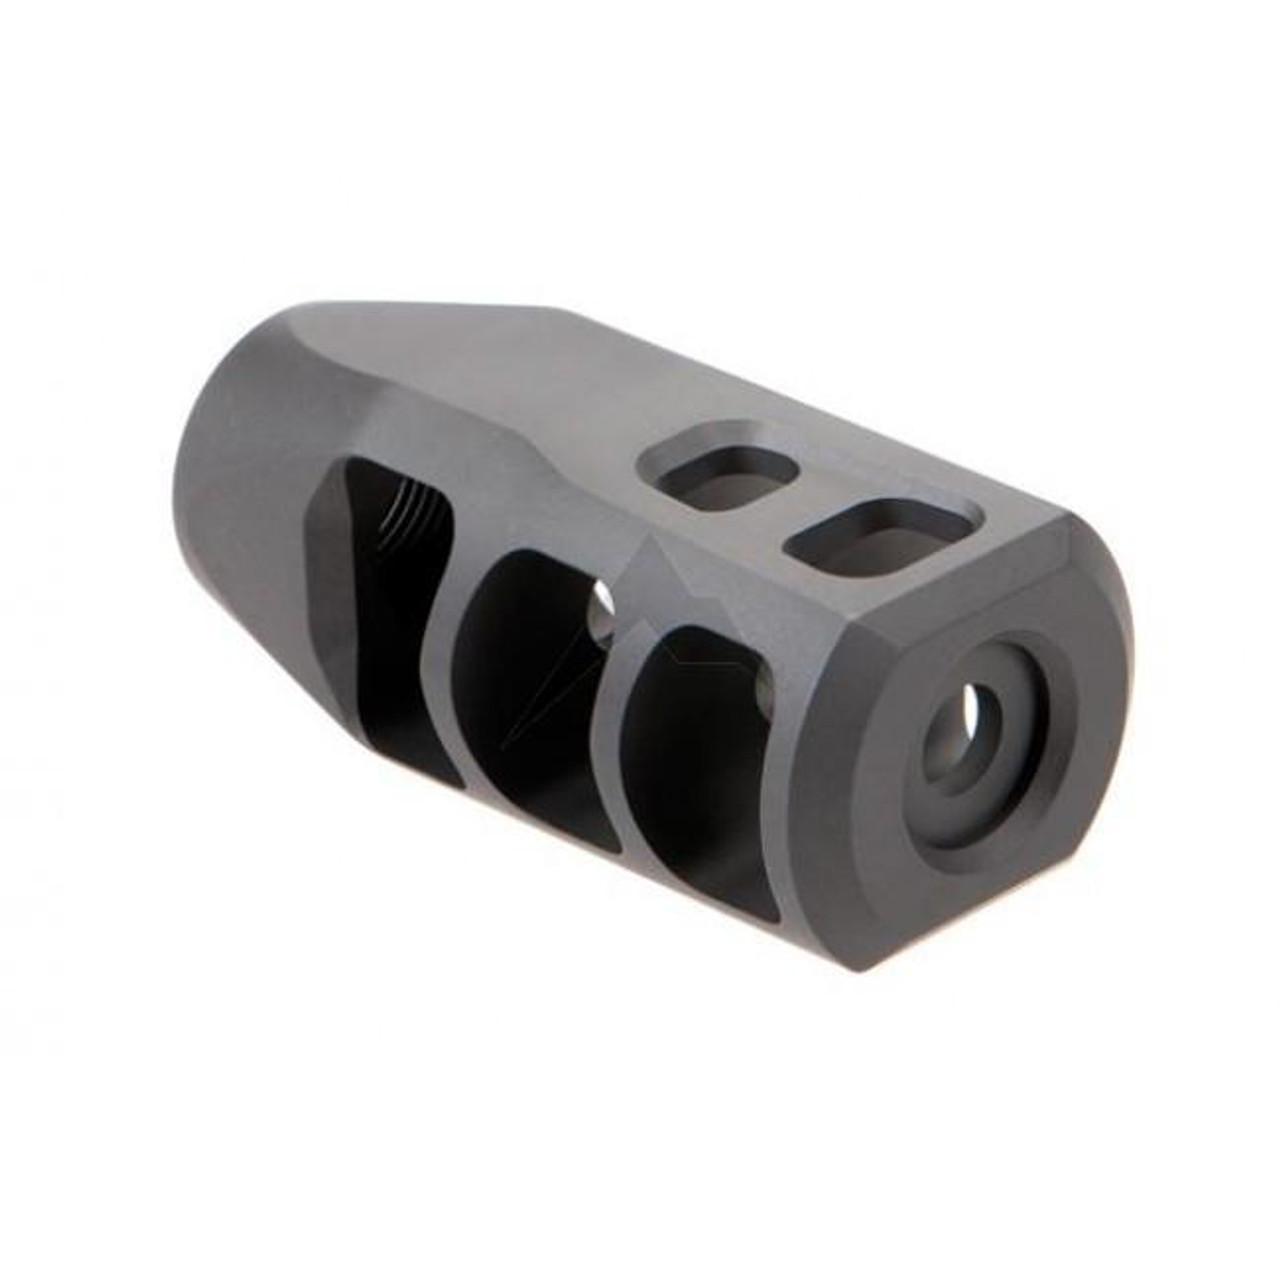 Precision Armament - M11 Severe Duty Muzzle Brake